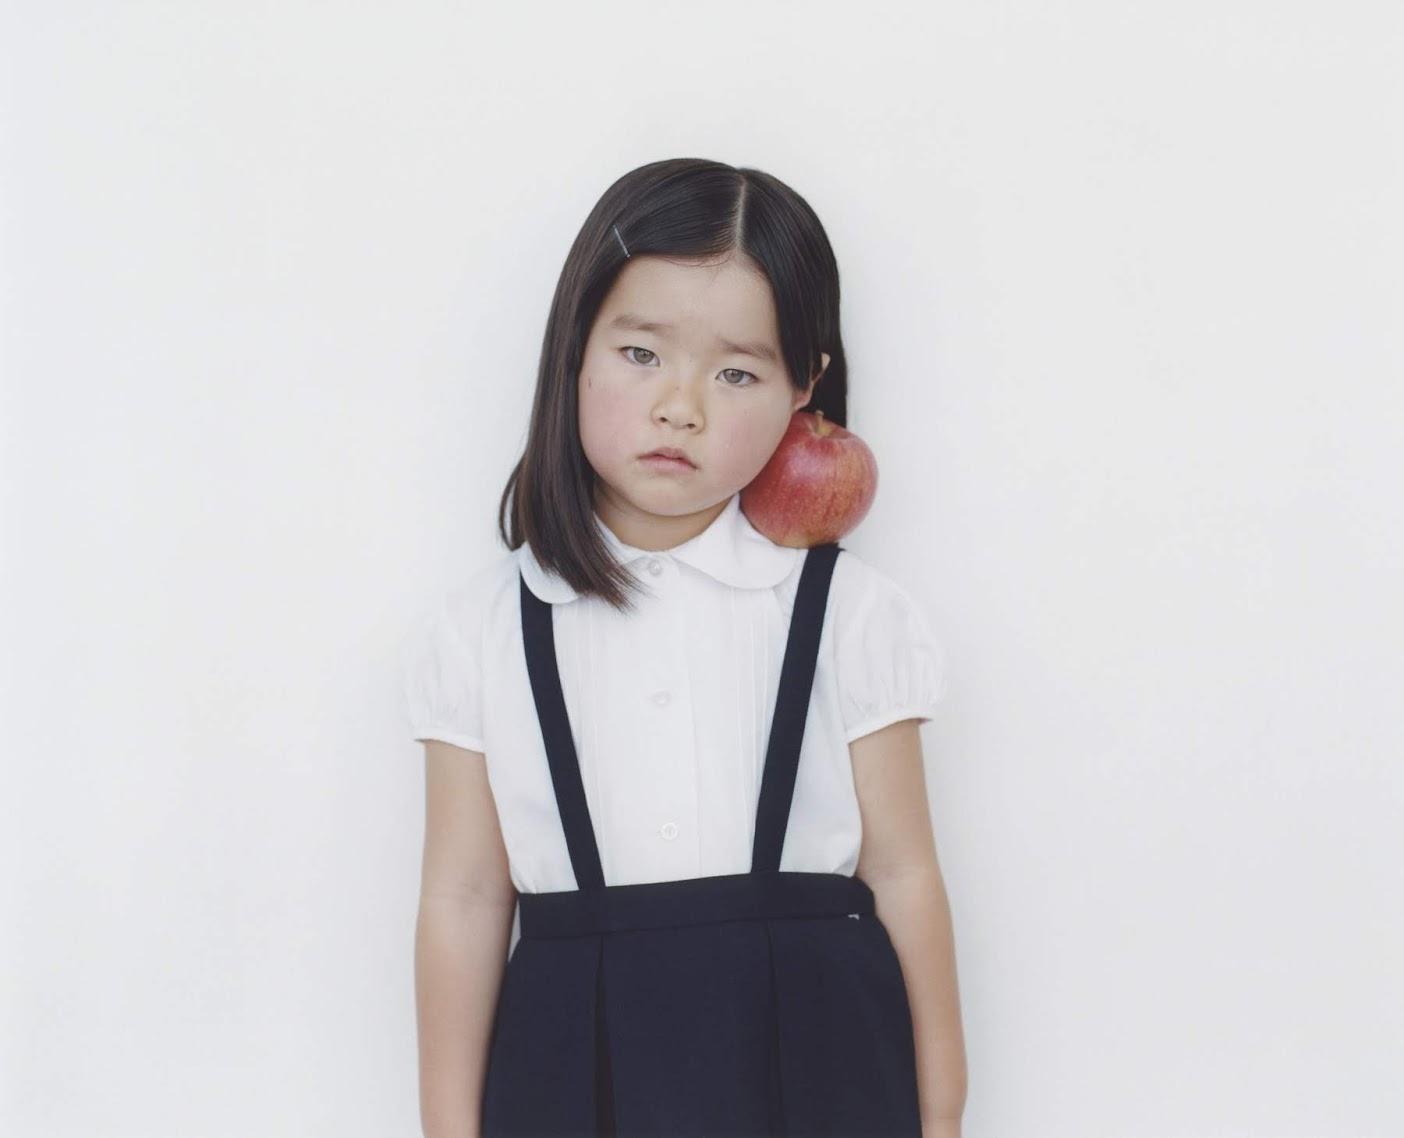 [迷迷藝文] 蒼井優御用攝影師 橫浪修 登台開展 帶來超療癒系列〈1000children〉、〈Assembly〉